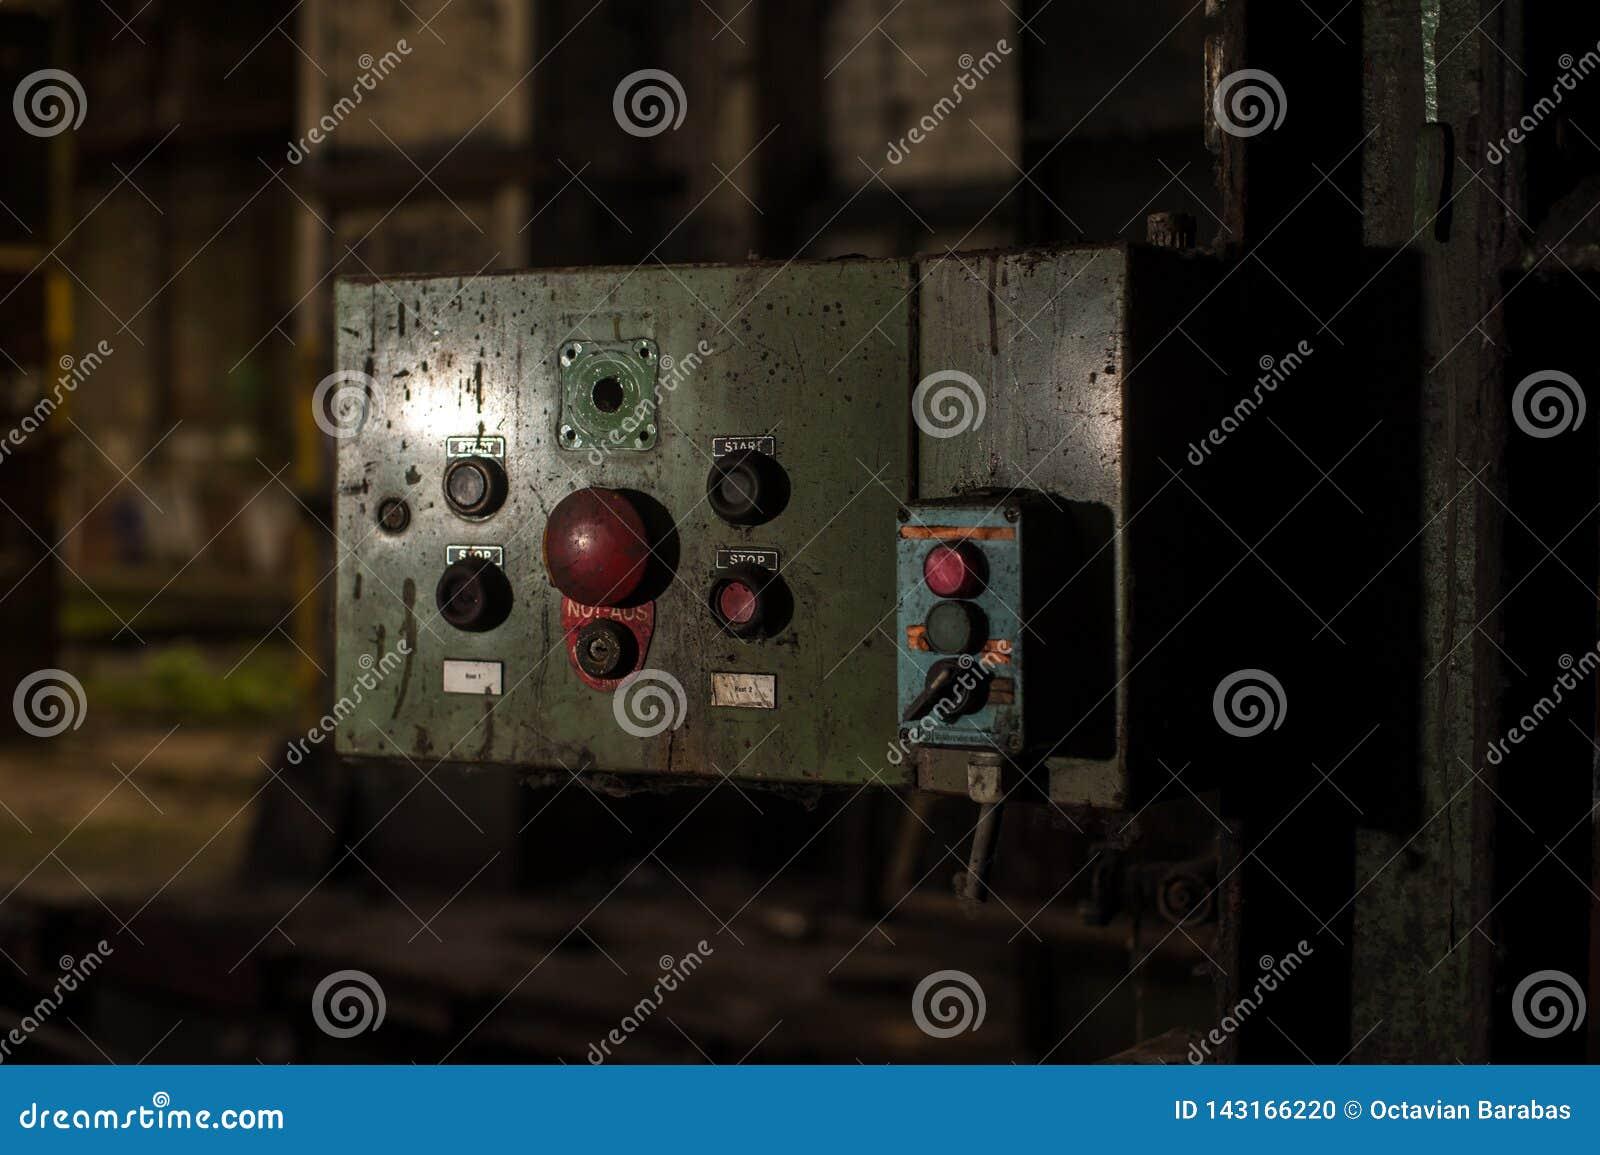 Bedienfeld in verlassenem Industriegebäude